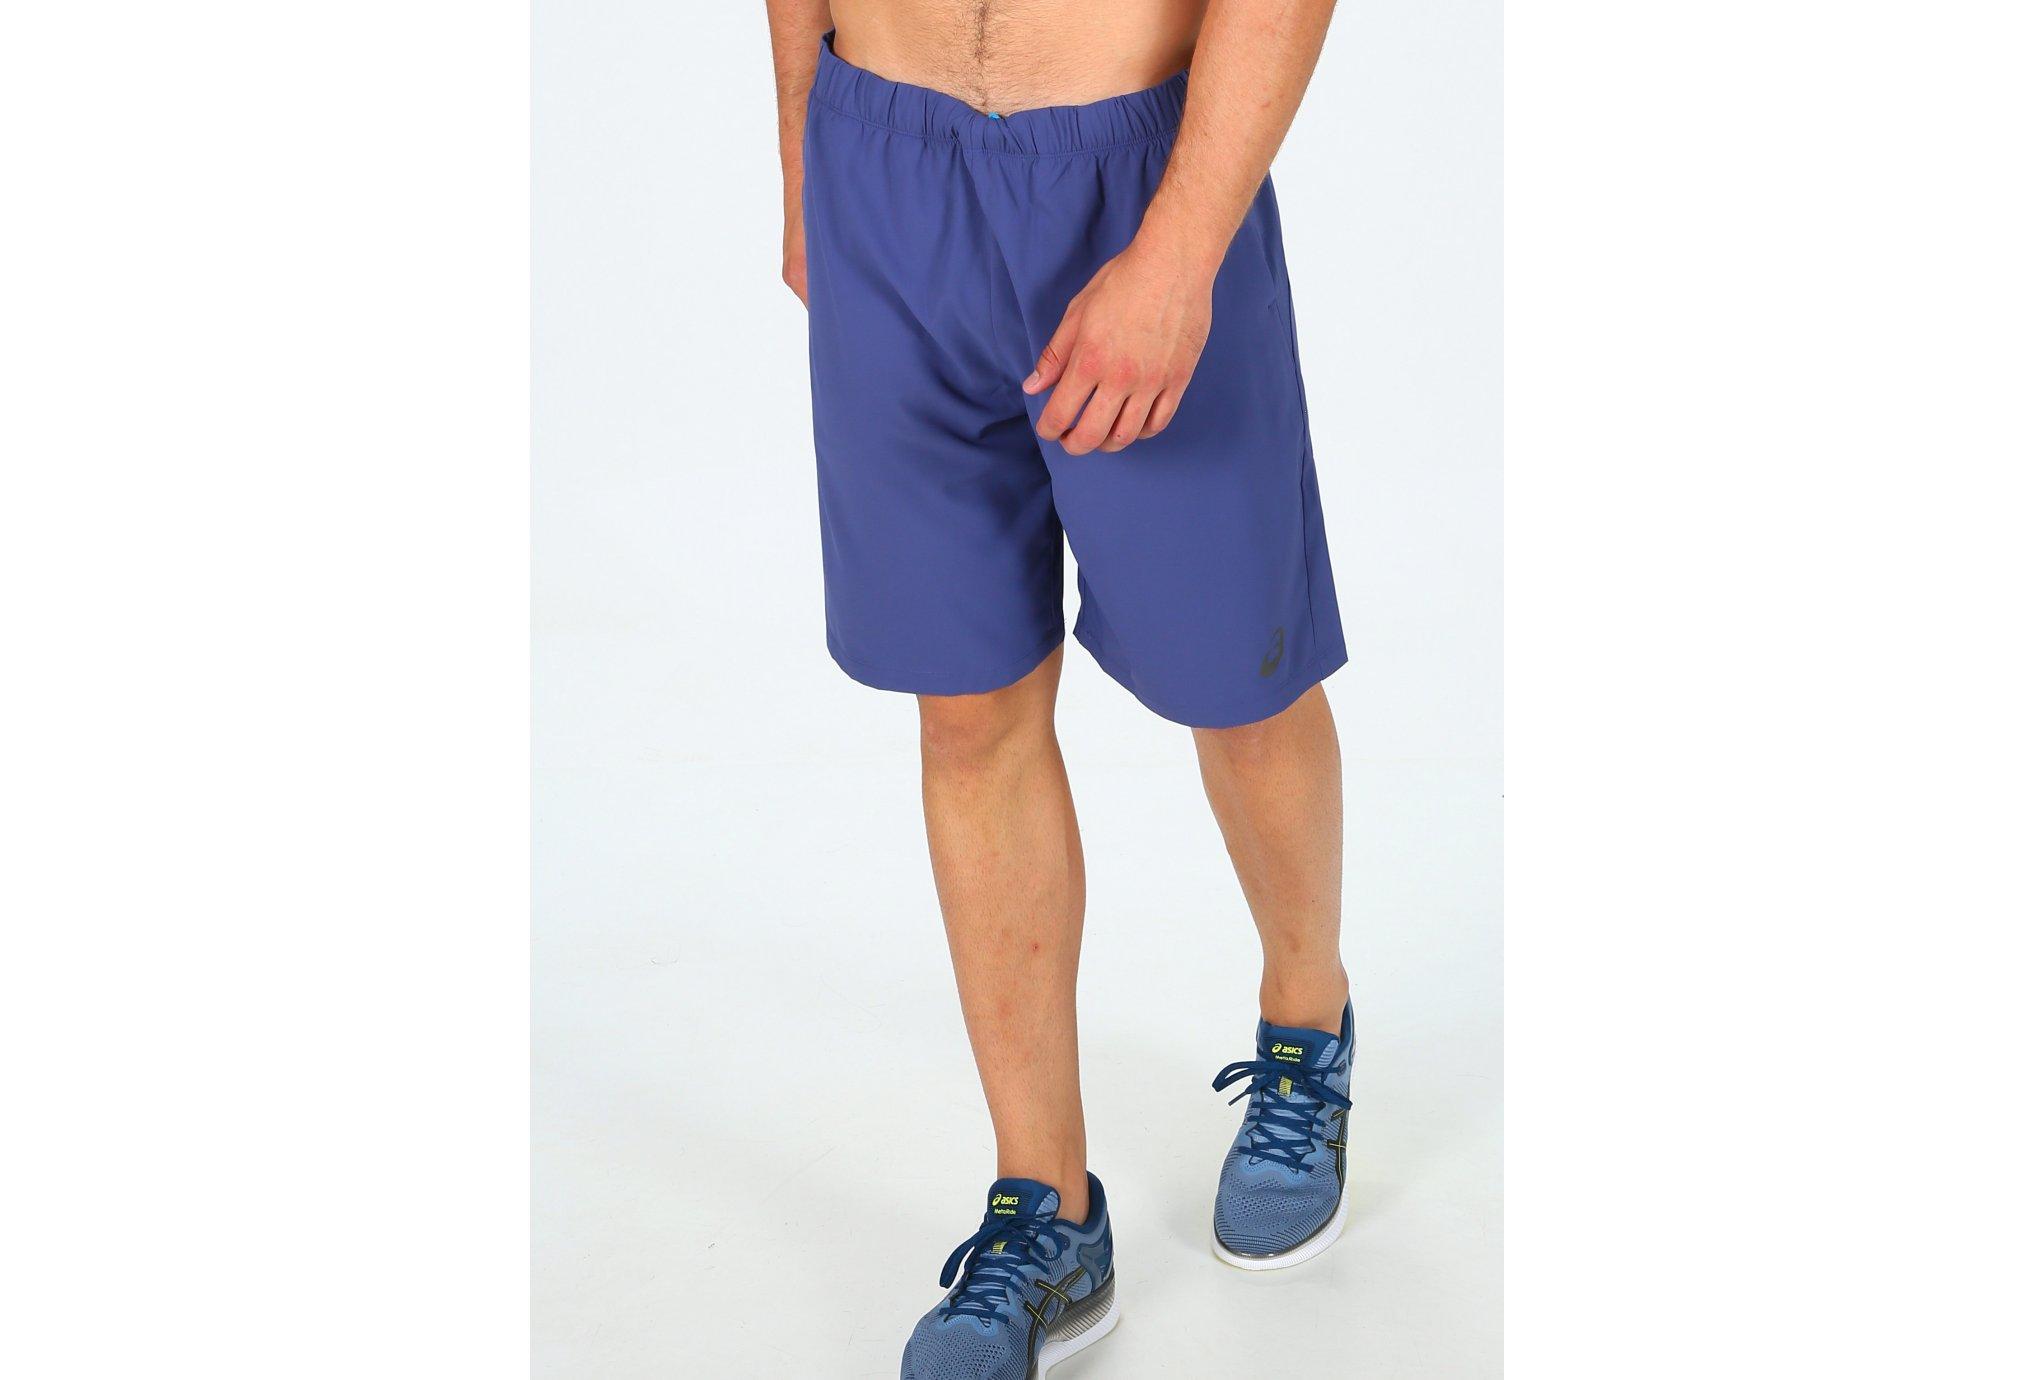 Asics Short FuzeX M Diététique Vêtements homme